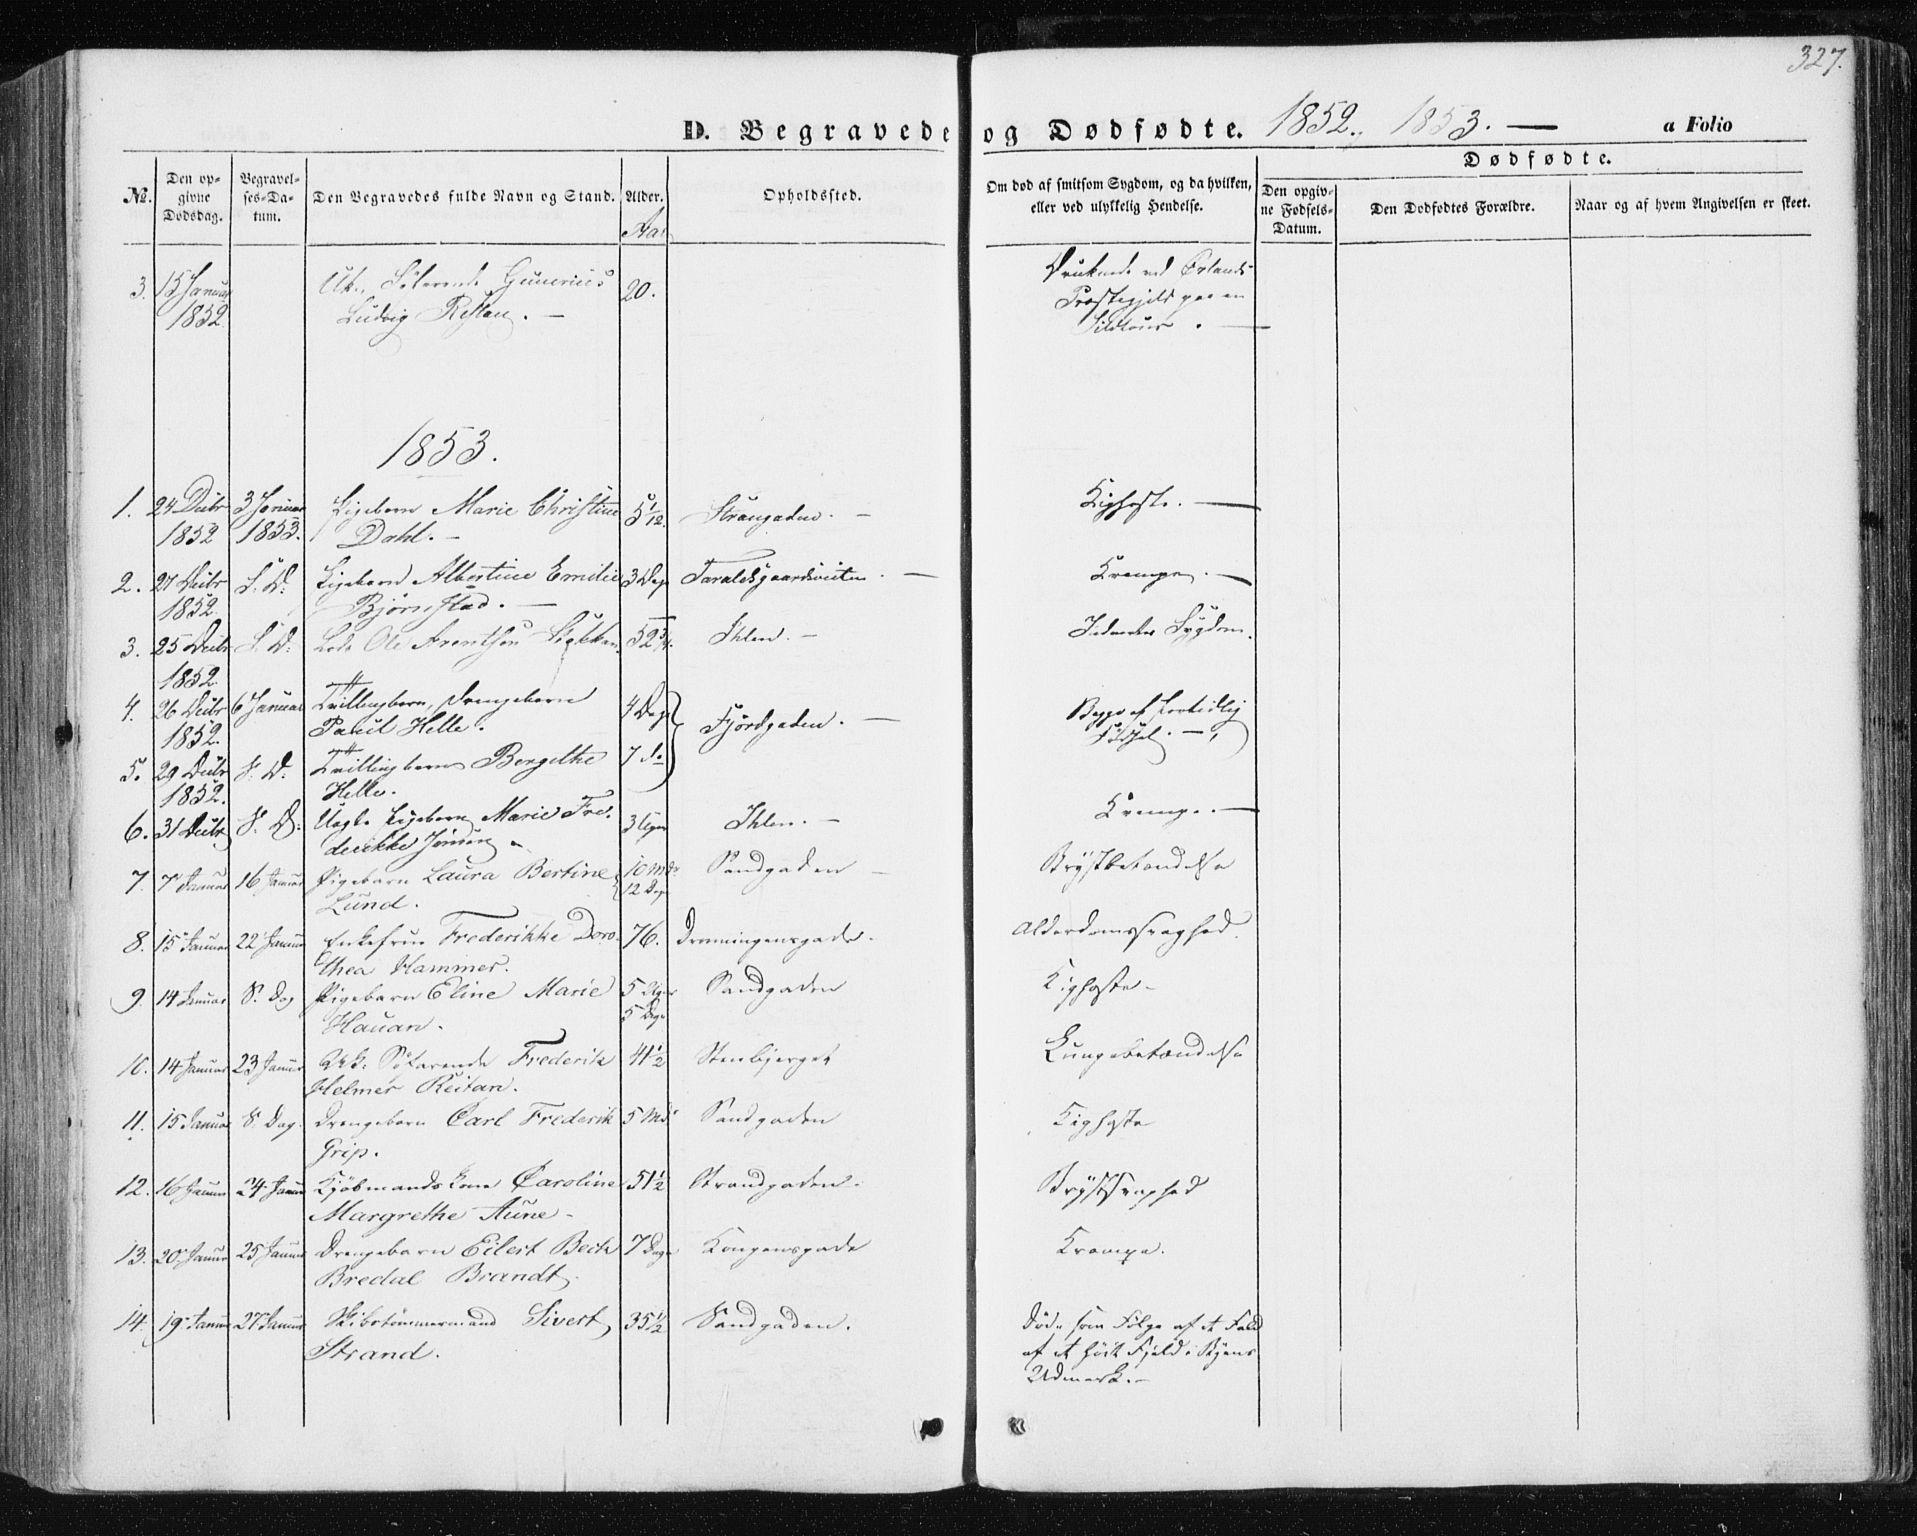 SAT, Ministerialprotokoller, klokkerbøker og fødselsregistre - Sør-Trøndelag, 602/L0112: Ministerialbok nr. 602A10, 1848-1859, s. 327